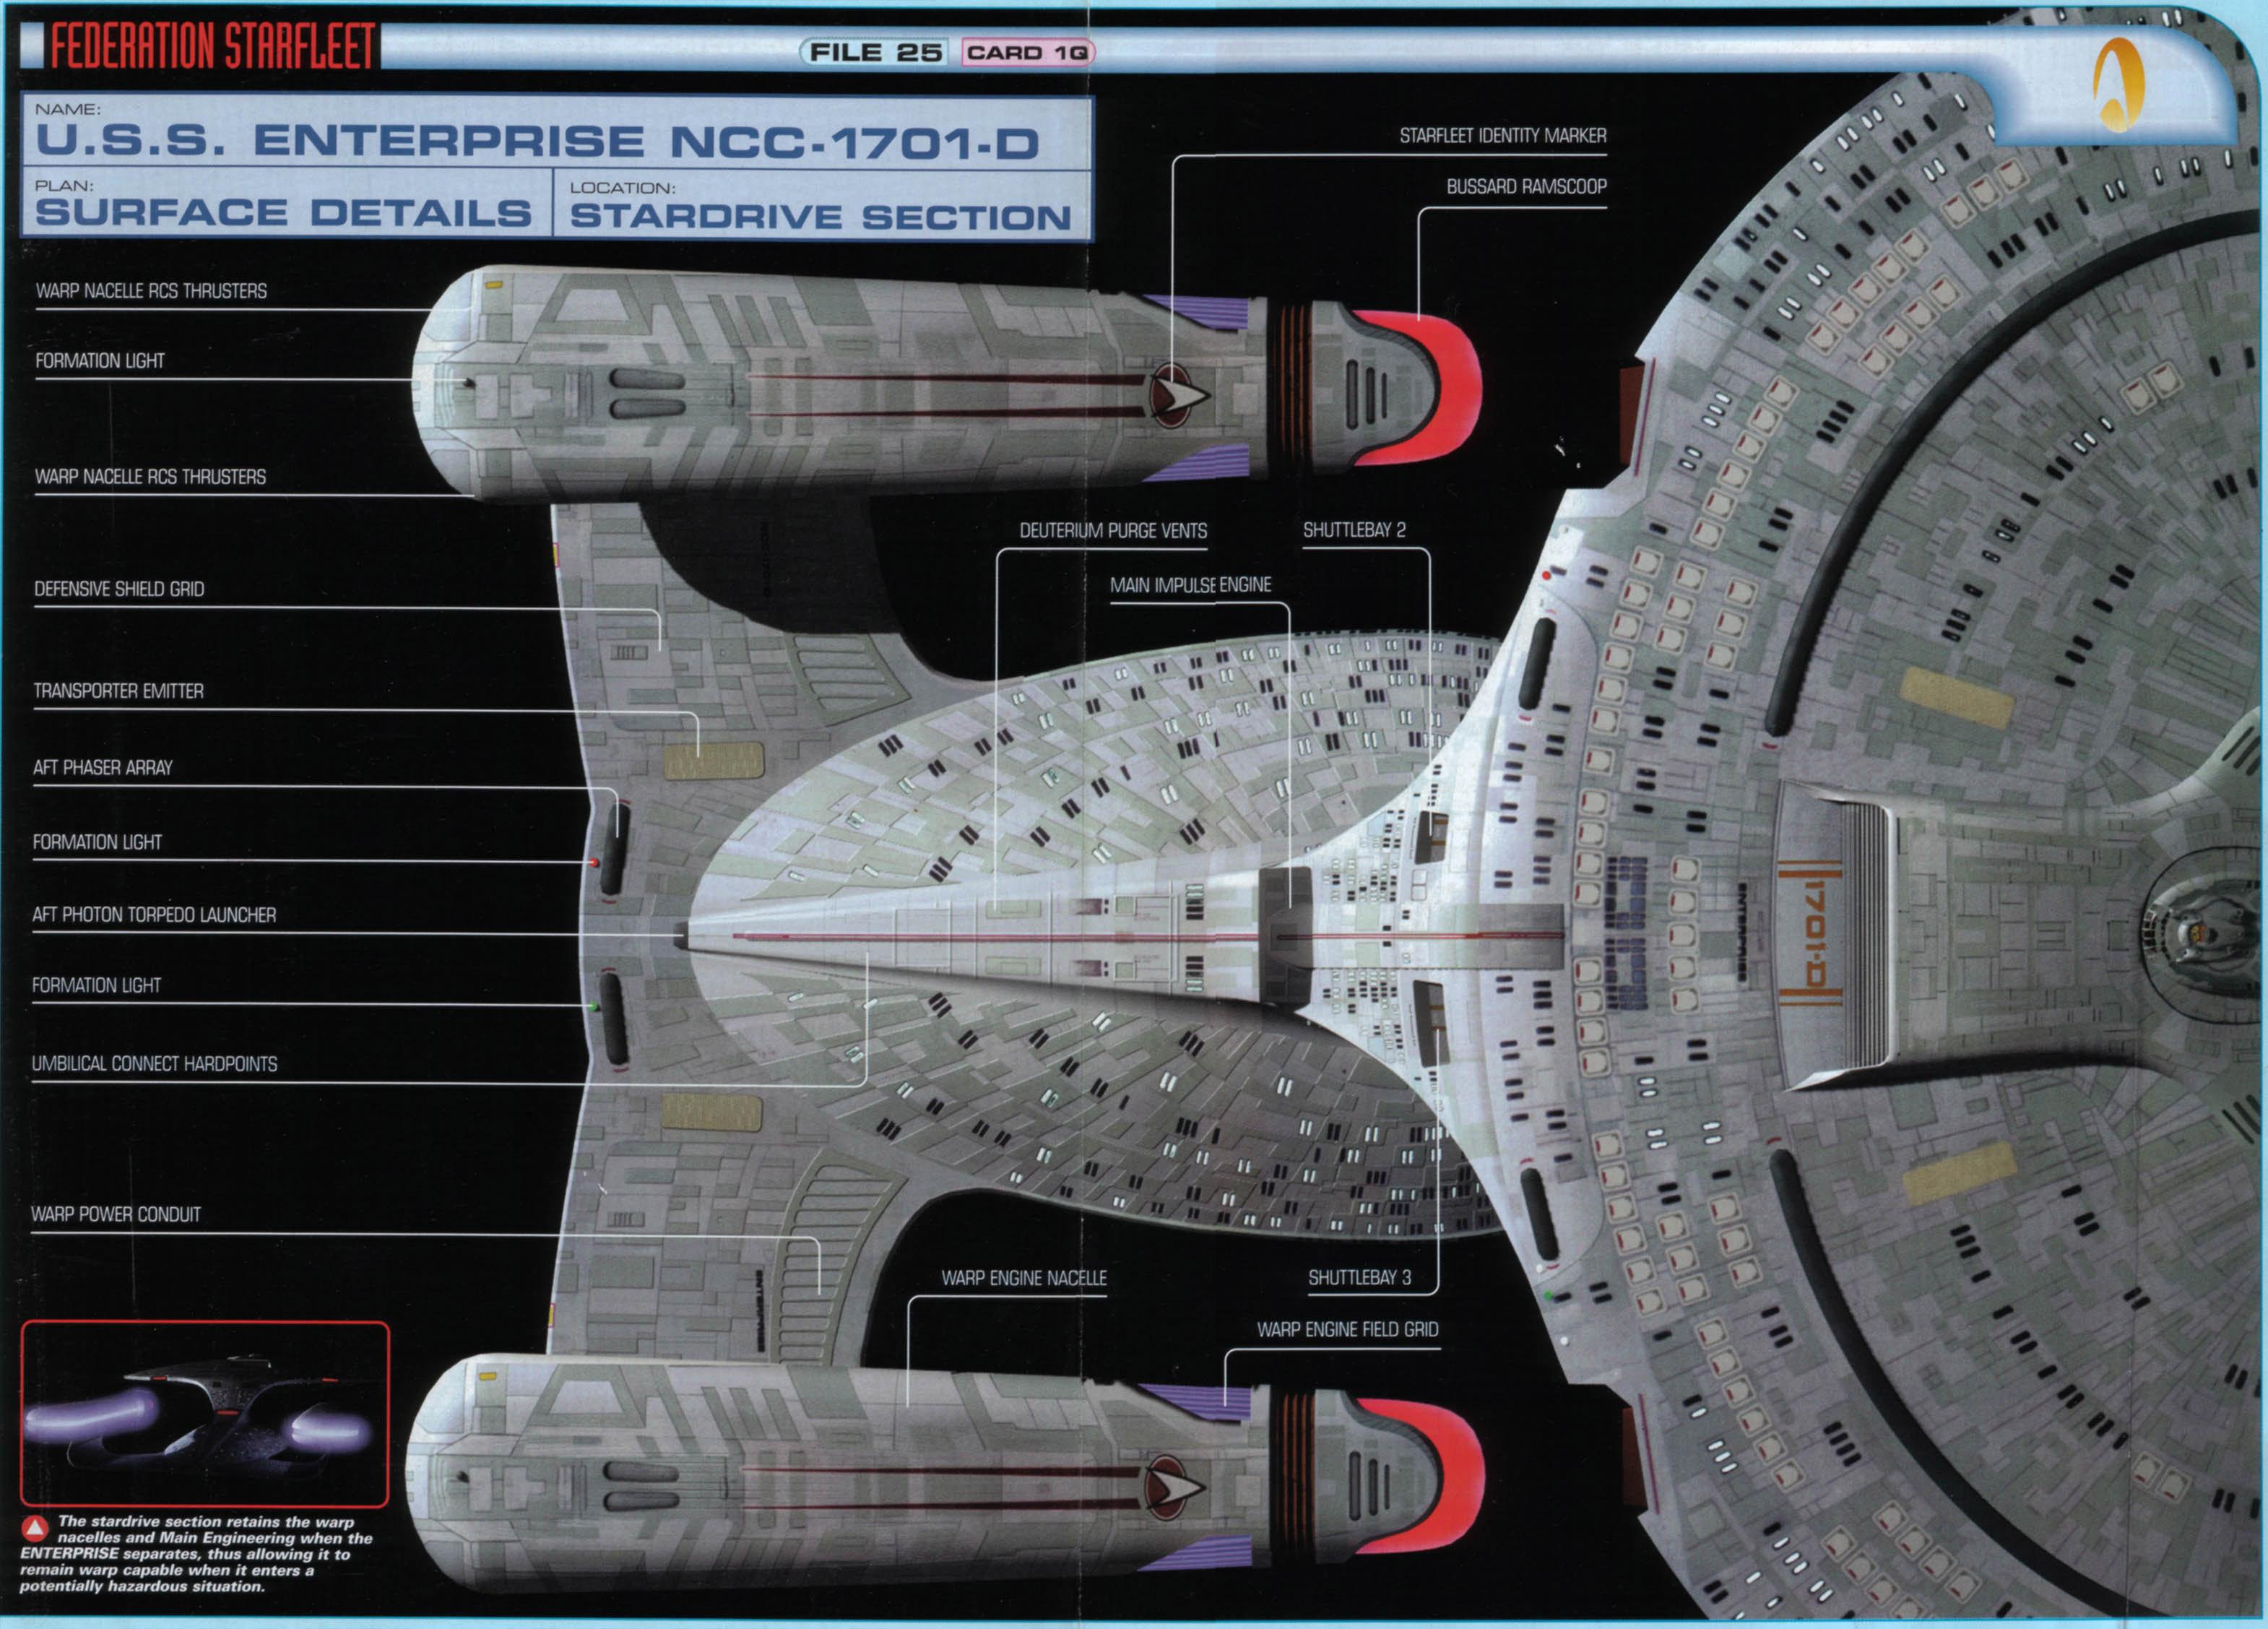 Uss enterprise ncc 1701 d galaxy class saucer separation r flickr - Galaxy Class Uss Enterprise Ncc 1701 D Ventral Surface Detail It S Trekker Not Trekkie Pinterest Uss Enterprise Ncc 1701 Star Trek And Trek